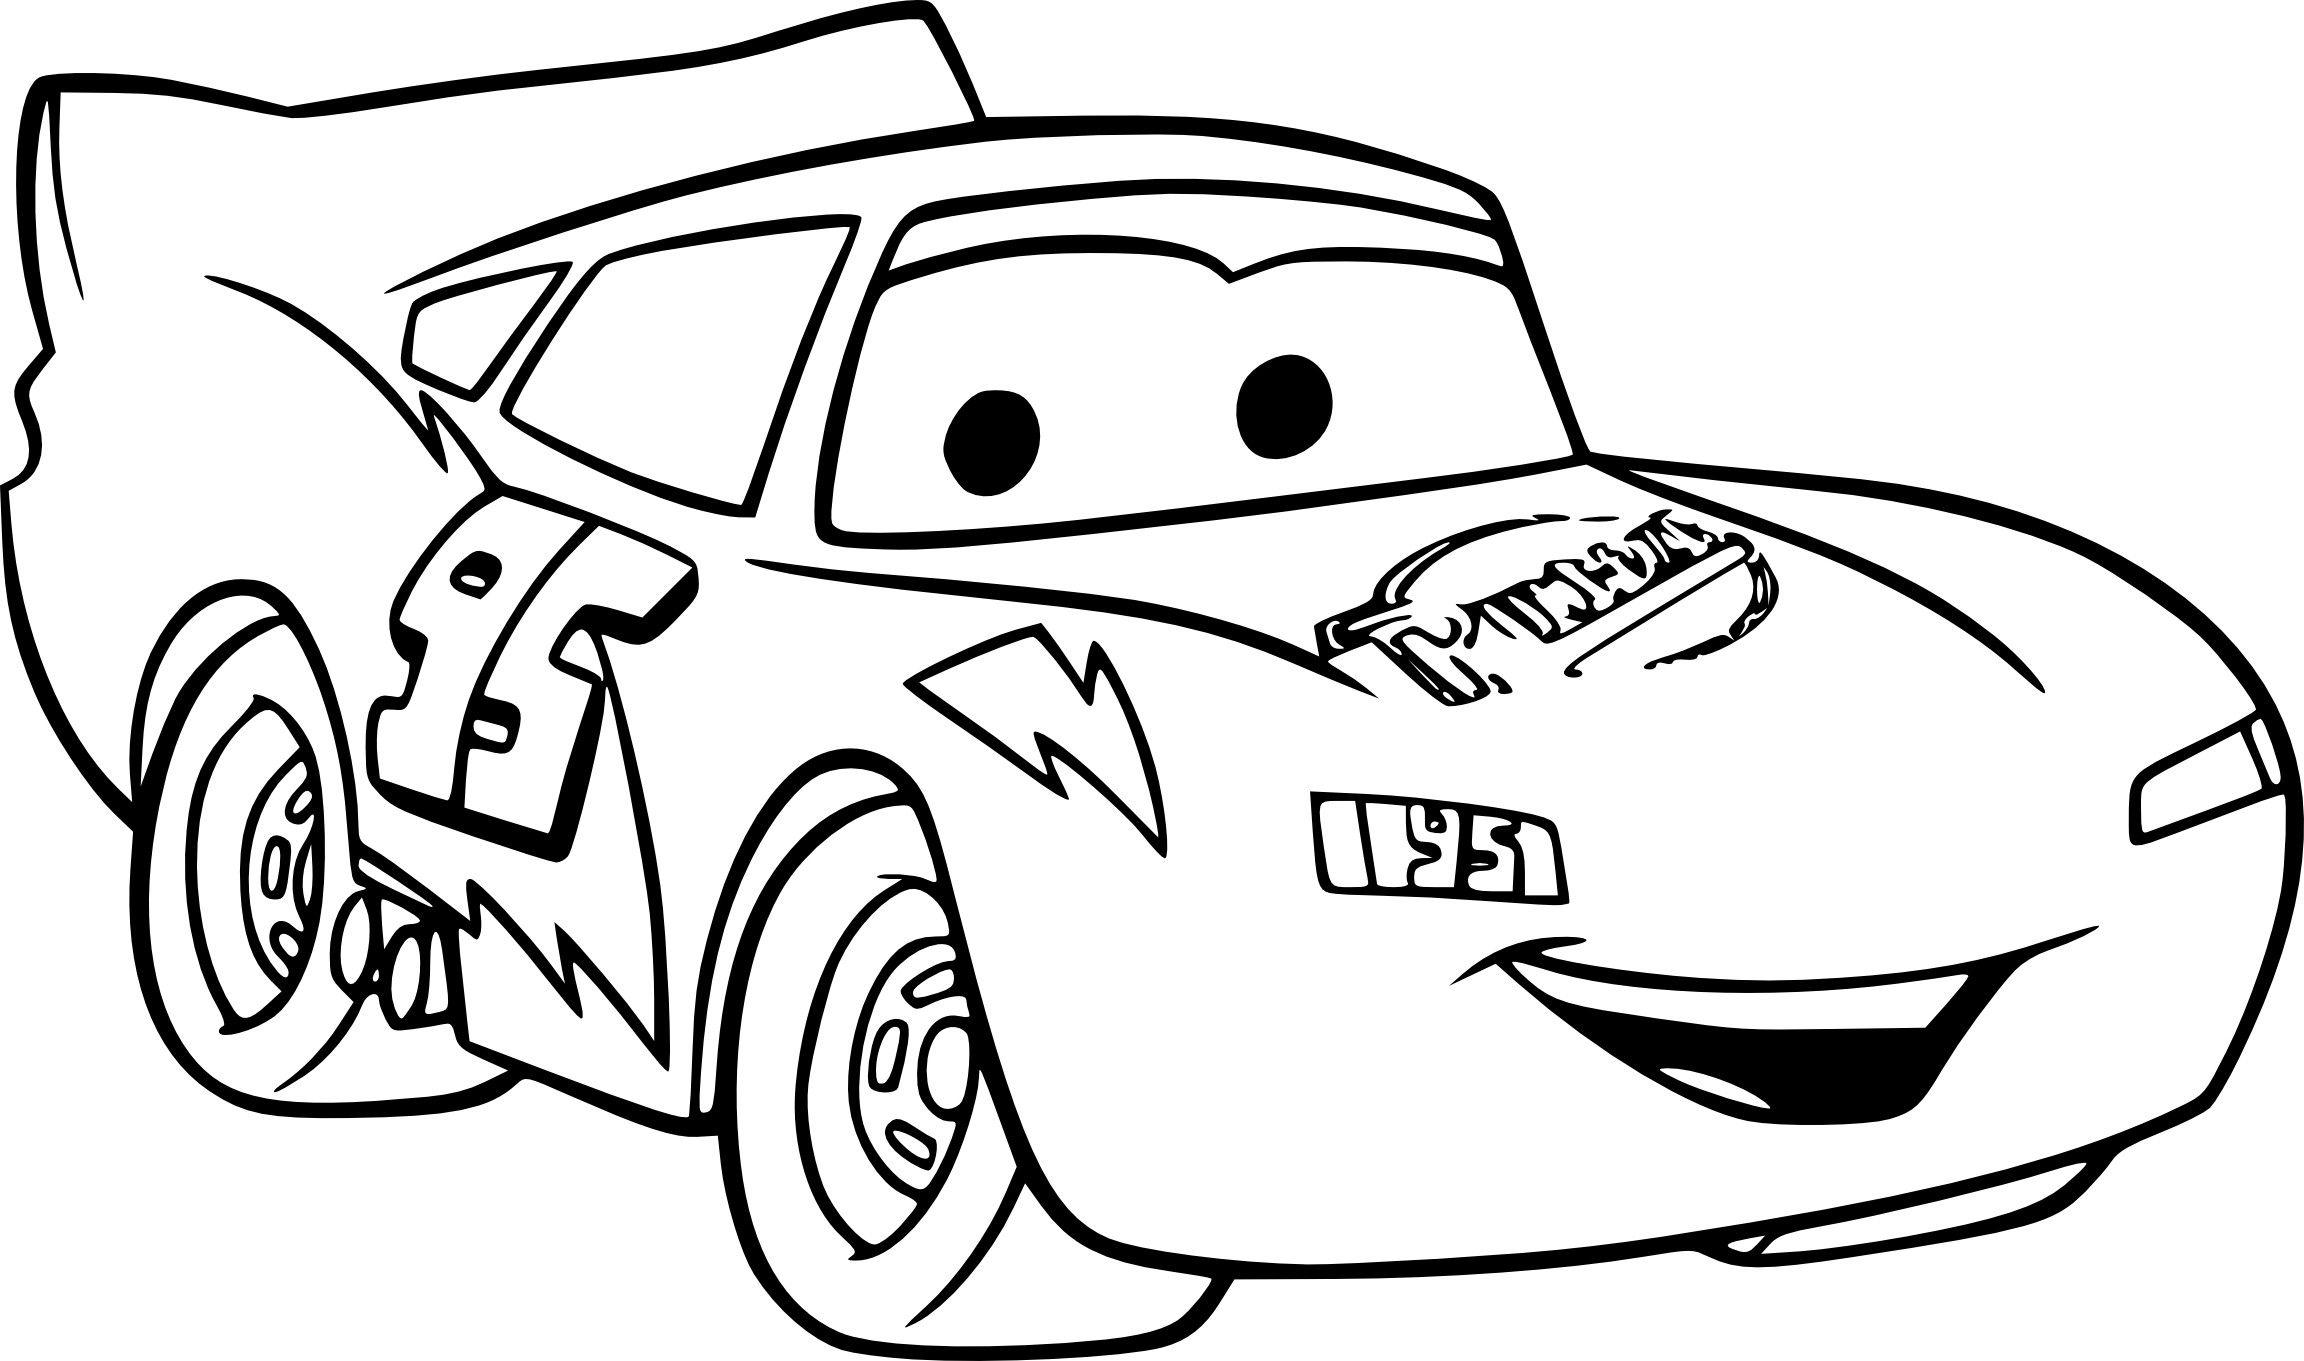 - Coloriage De Cars Disney Coloring Pages, Race Car Coloring Pages